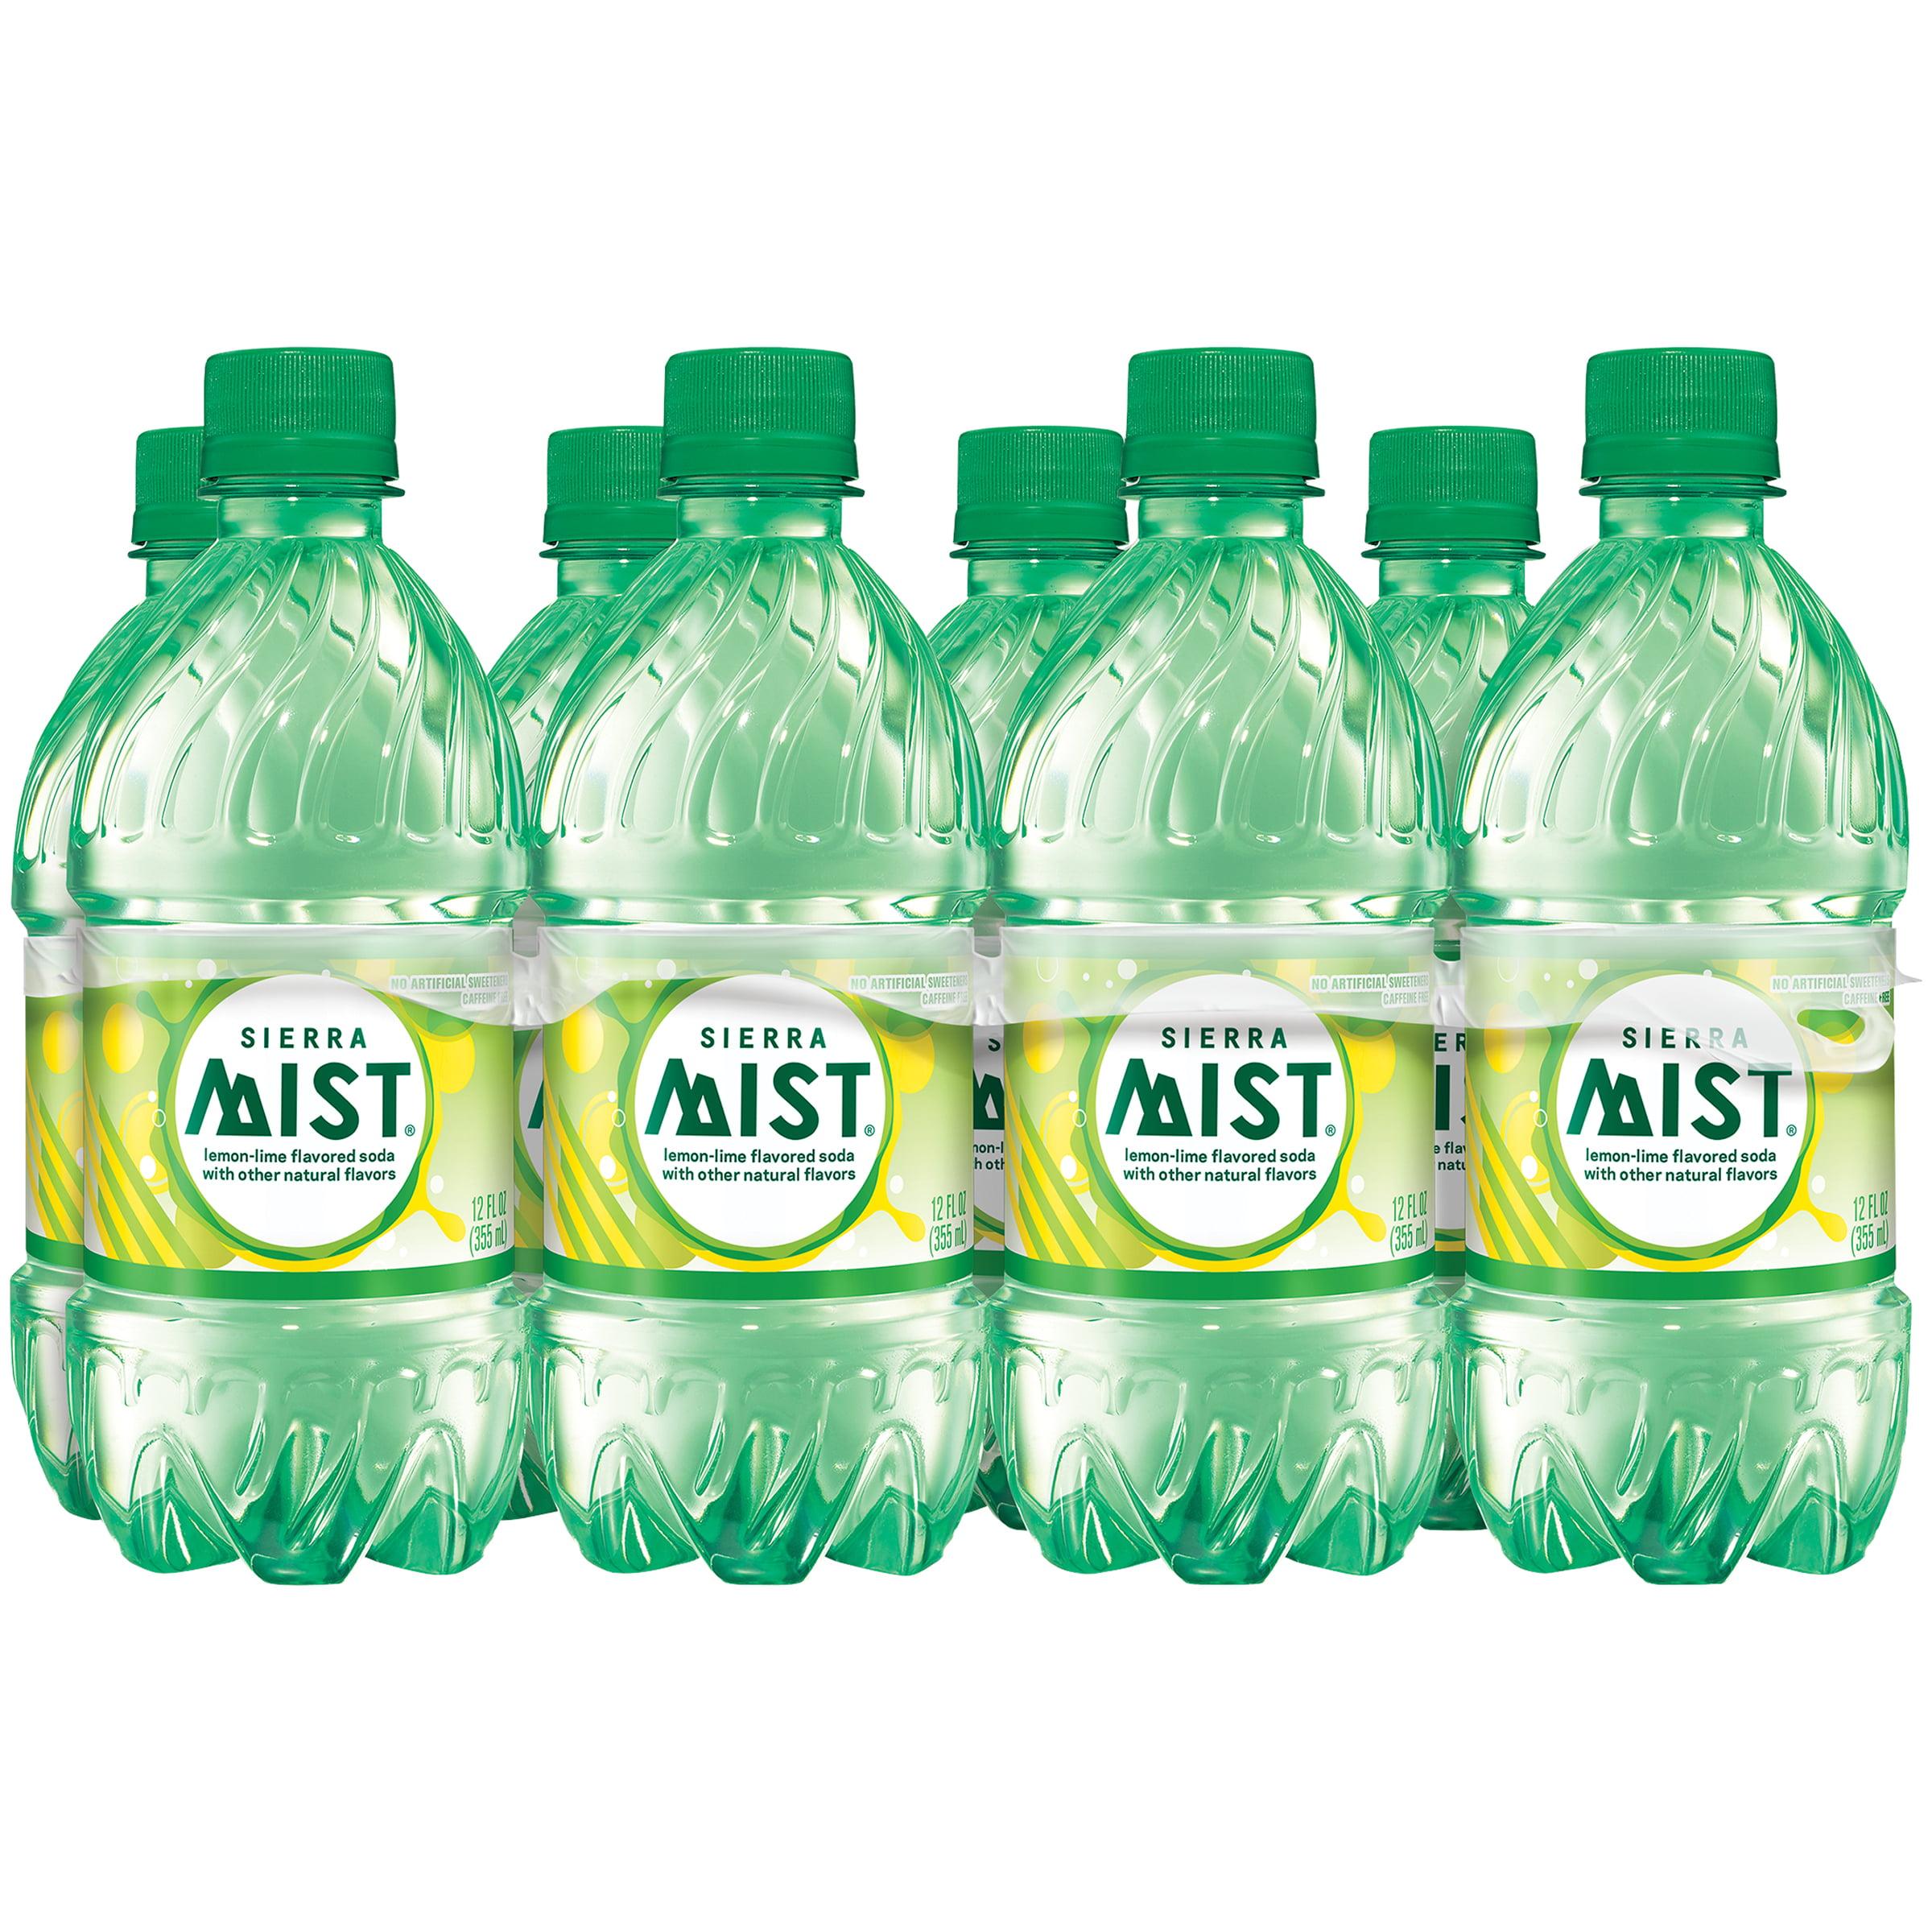 Sierra Mist�� 8 Pack 12 fl. oz. Plastic Bottles